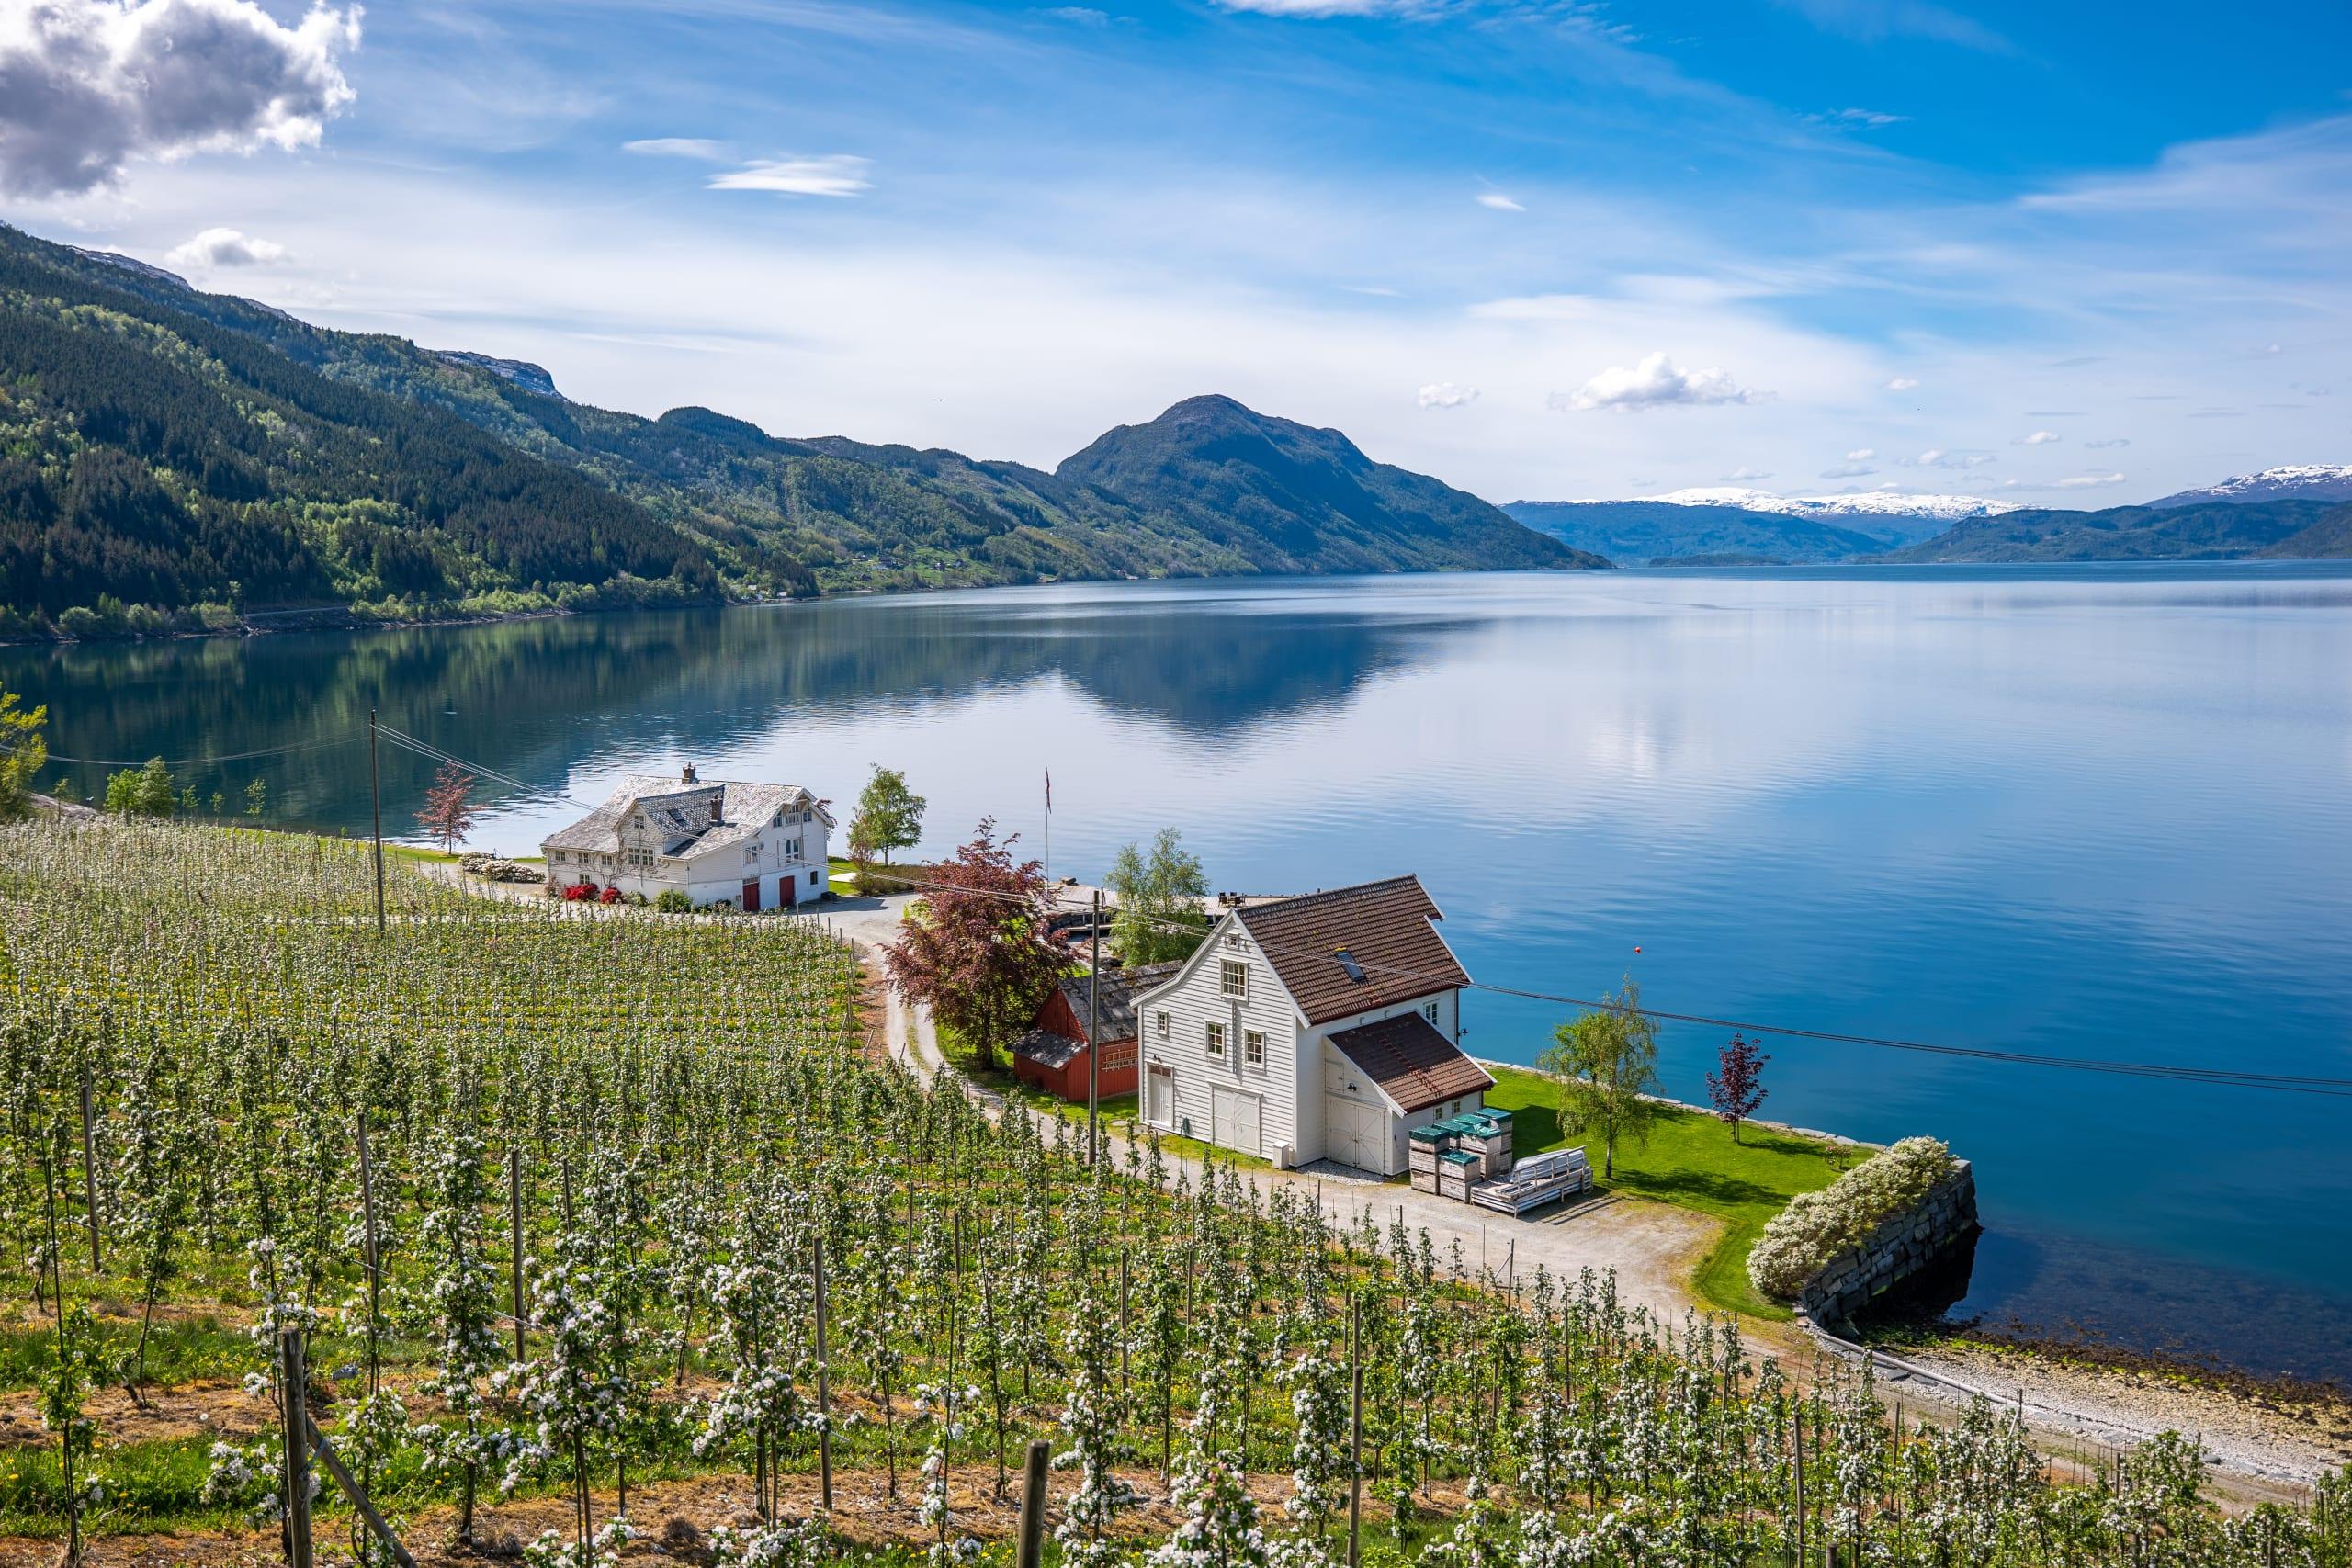 Blossoming fruit fram along the Hardangerfjord